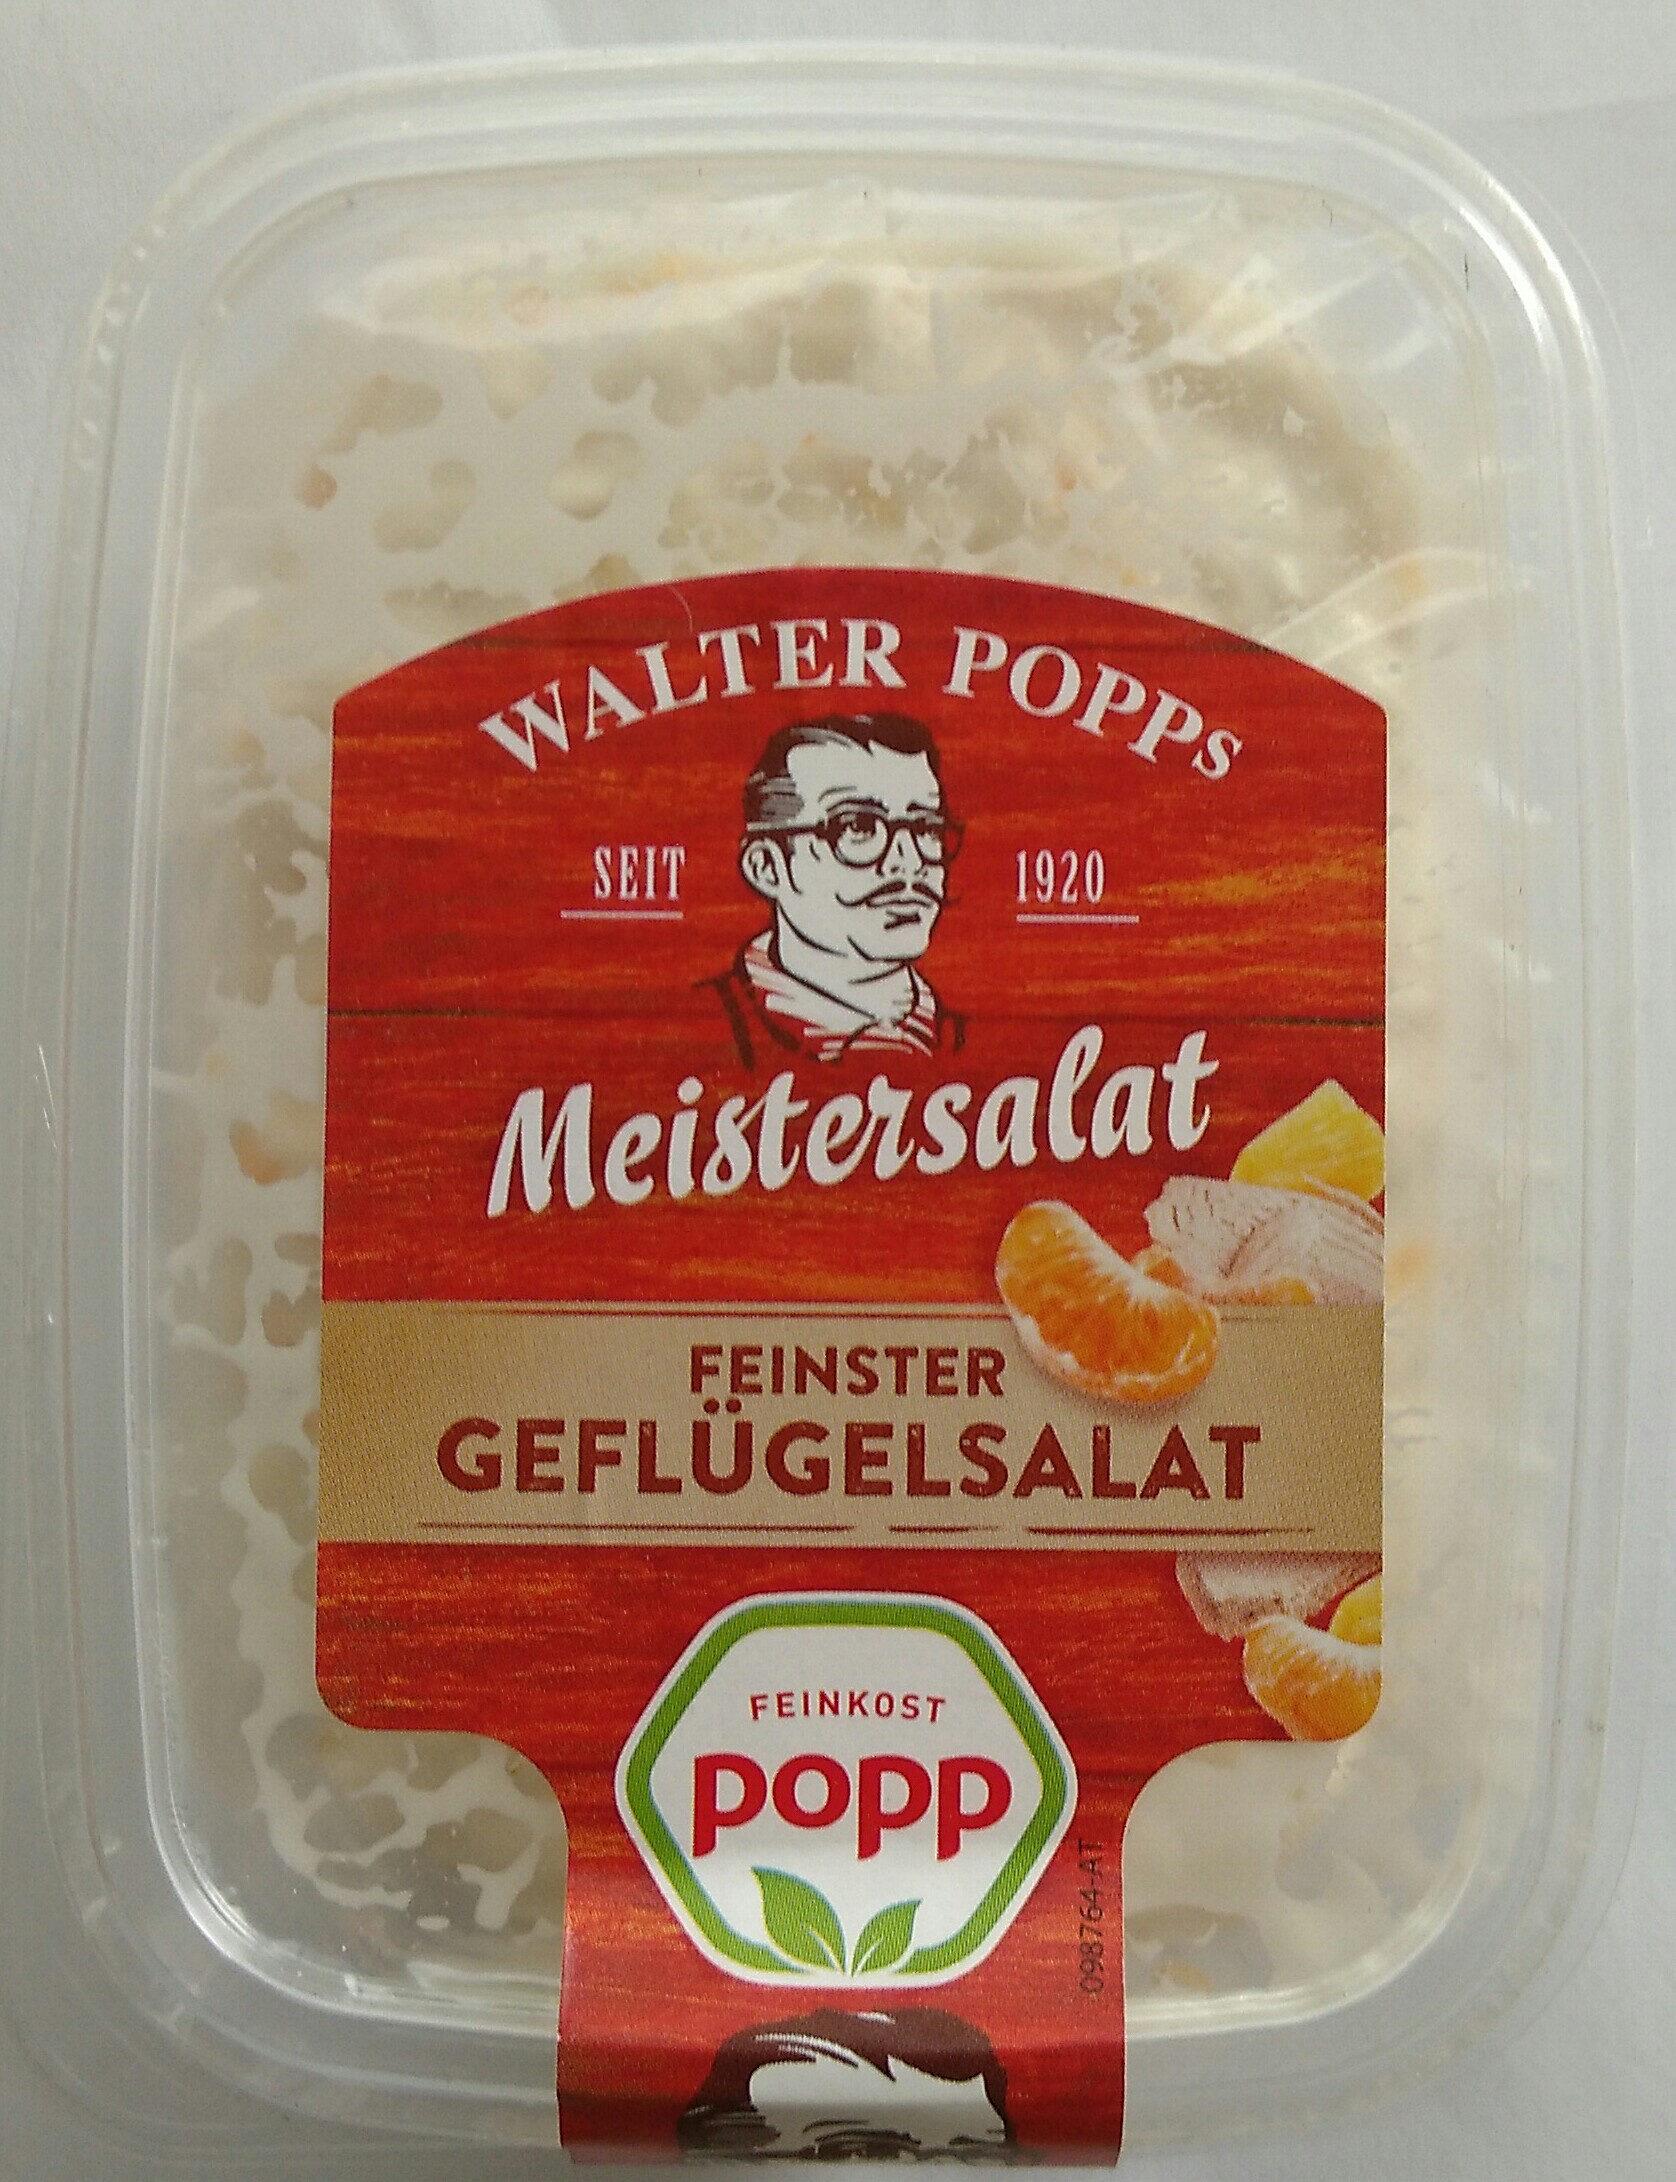 Feinster Geflügelsalat - Product - de